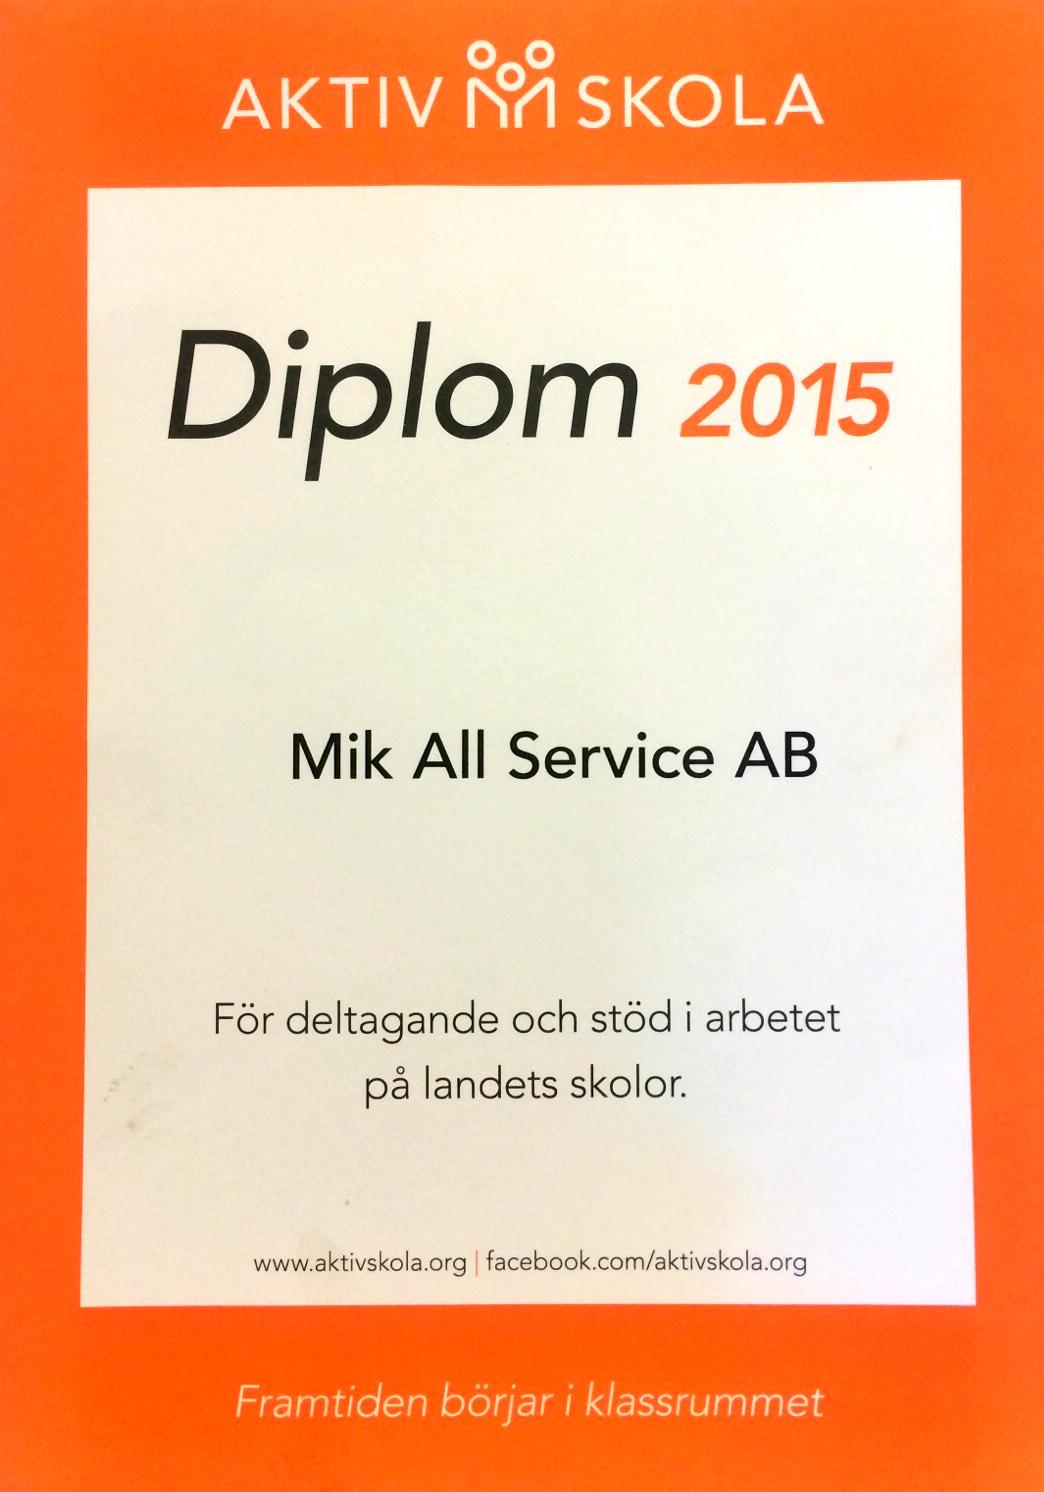 MIK ALL Service AB sponsrar Aktiv Skola